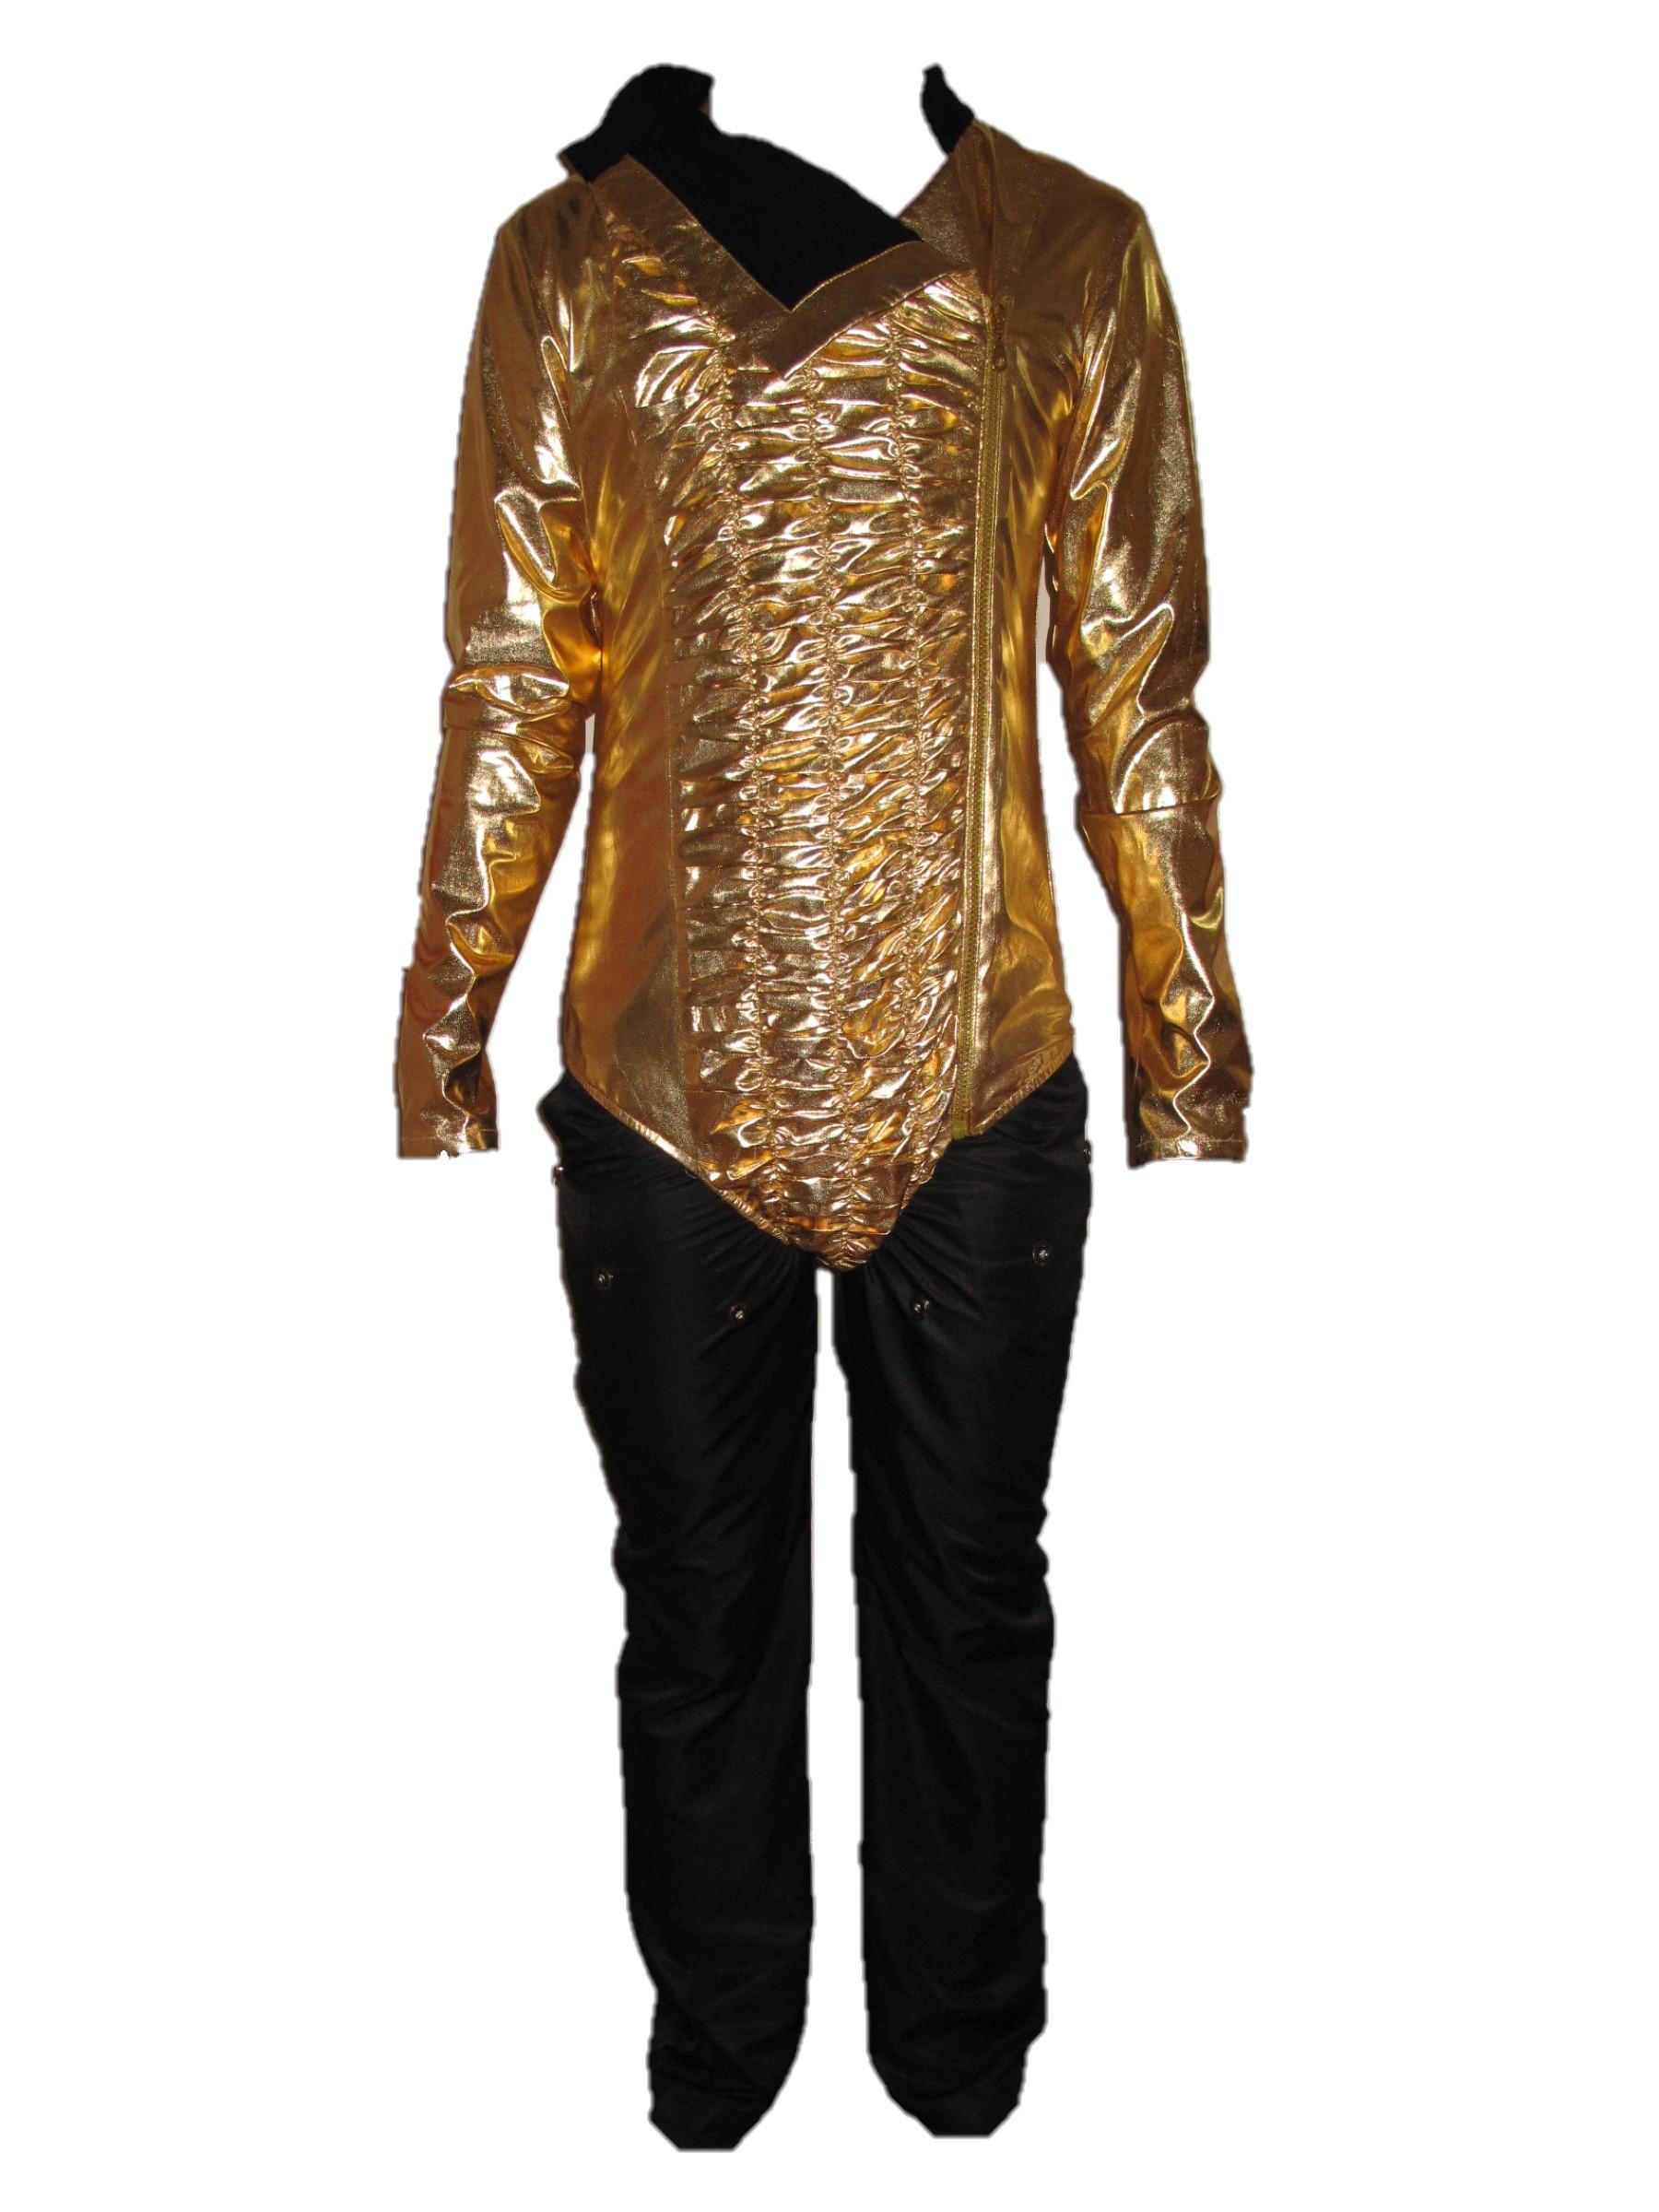 Michael Jackson Dangerous Tour Leotard Black Pants